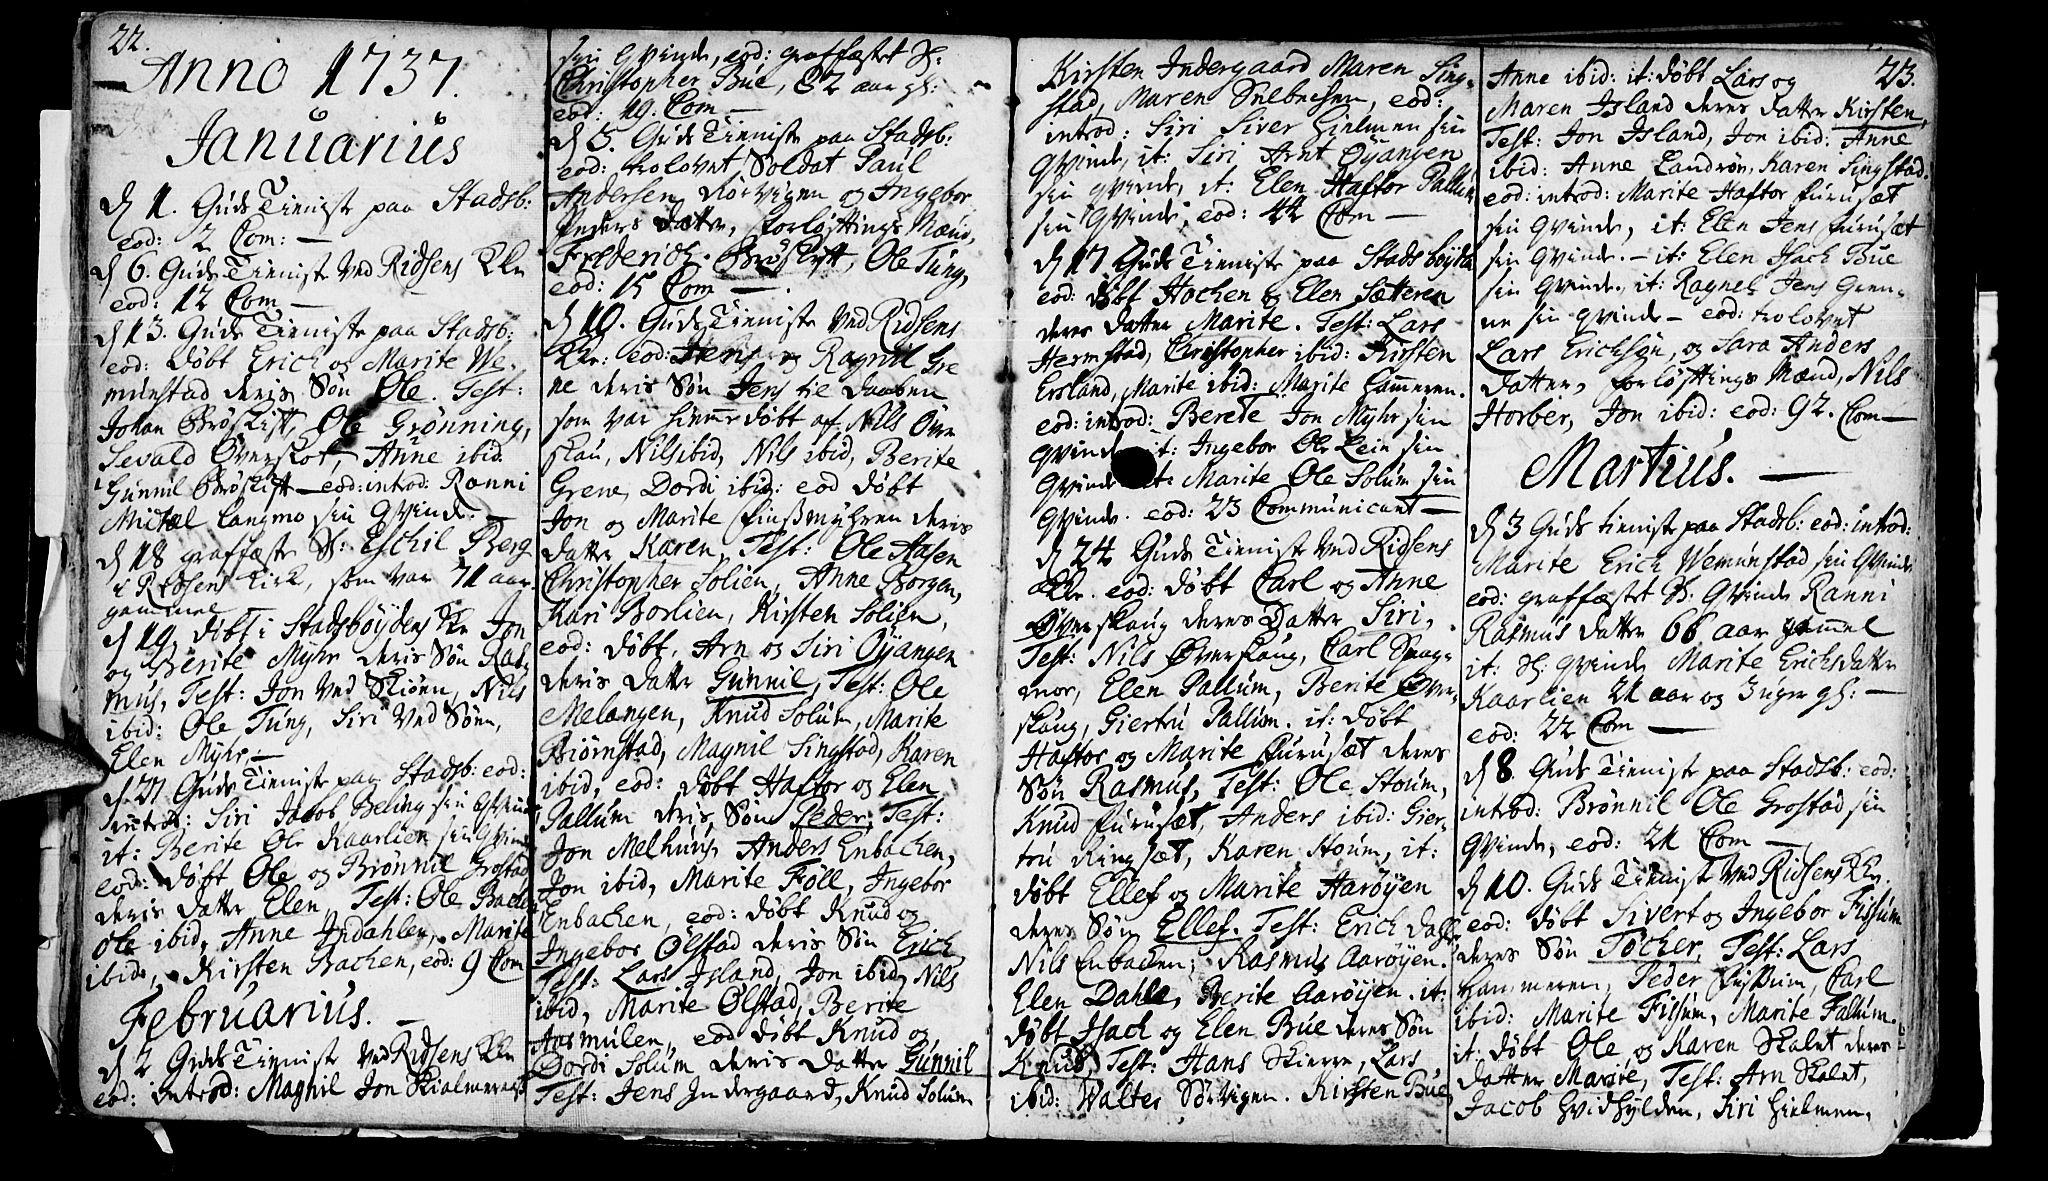 SAT, Ministerialprotokoller, klokkerbøker og fødselsregistre - Sør-Trøndelag, 646/L0604: Ministerialbok nr. 646A02, 1735-1750, s. 22-23